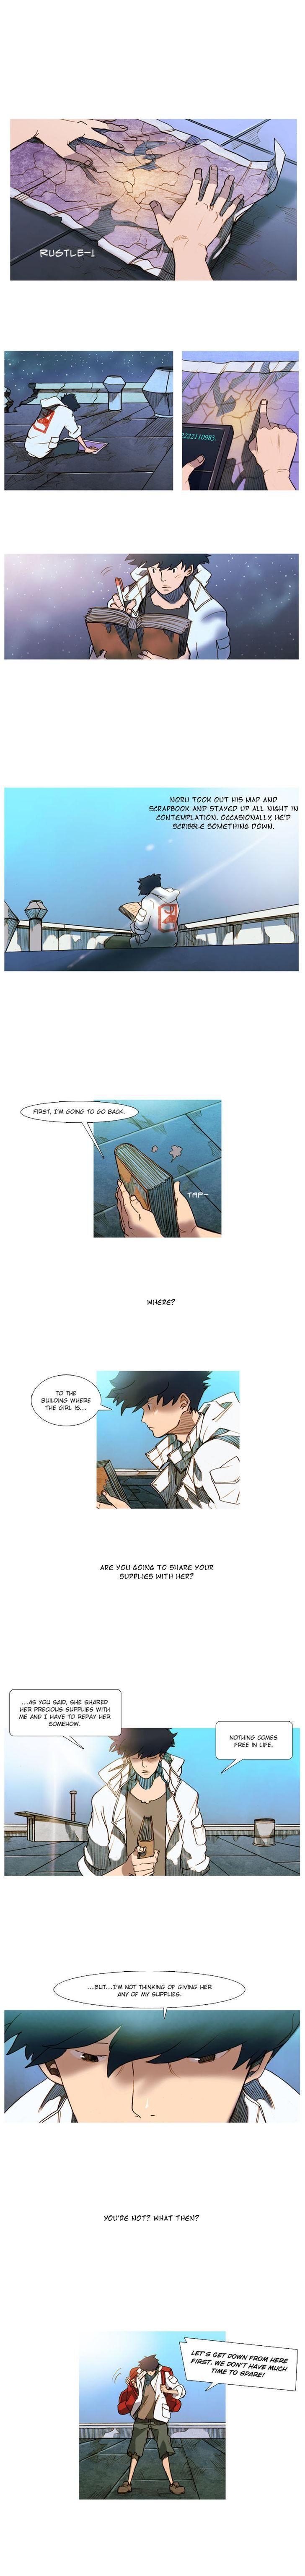 Noru 8 Page 2